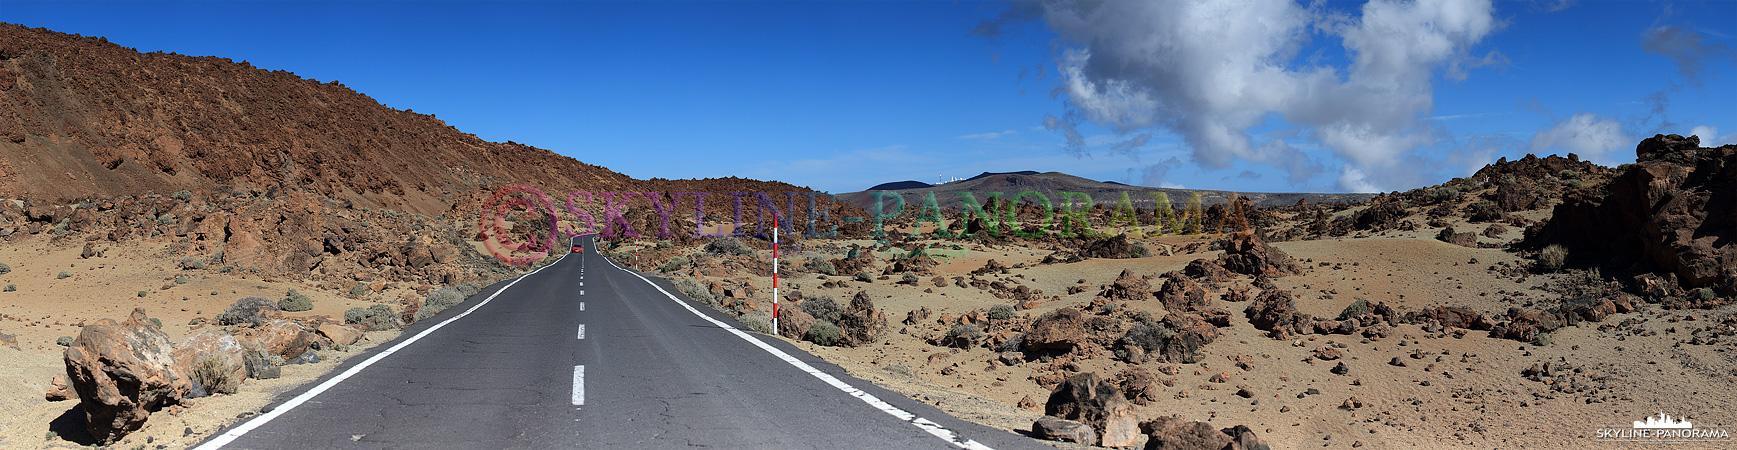 Das Straßennetz im Teide Nationalpark ist hervorragend ausgebaut und in einem guten Zustand. Hier der Blick vom Parkplatz Aussichtspunkt Minas de San José